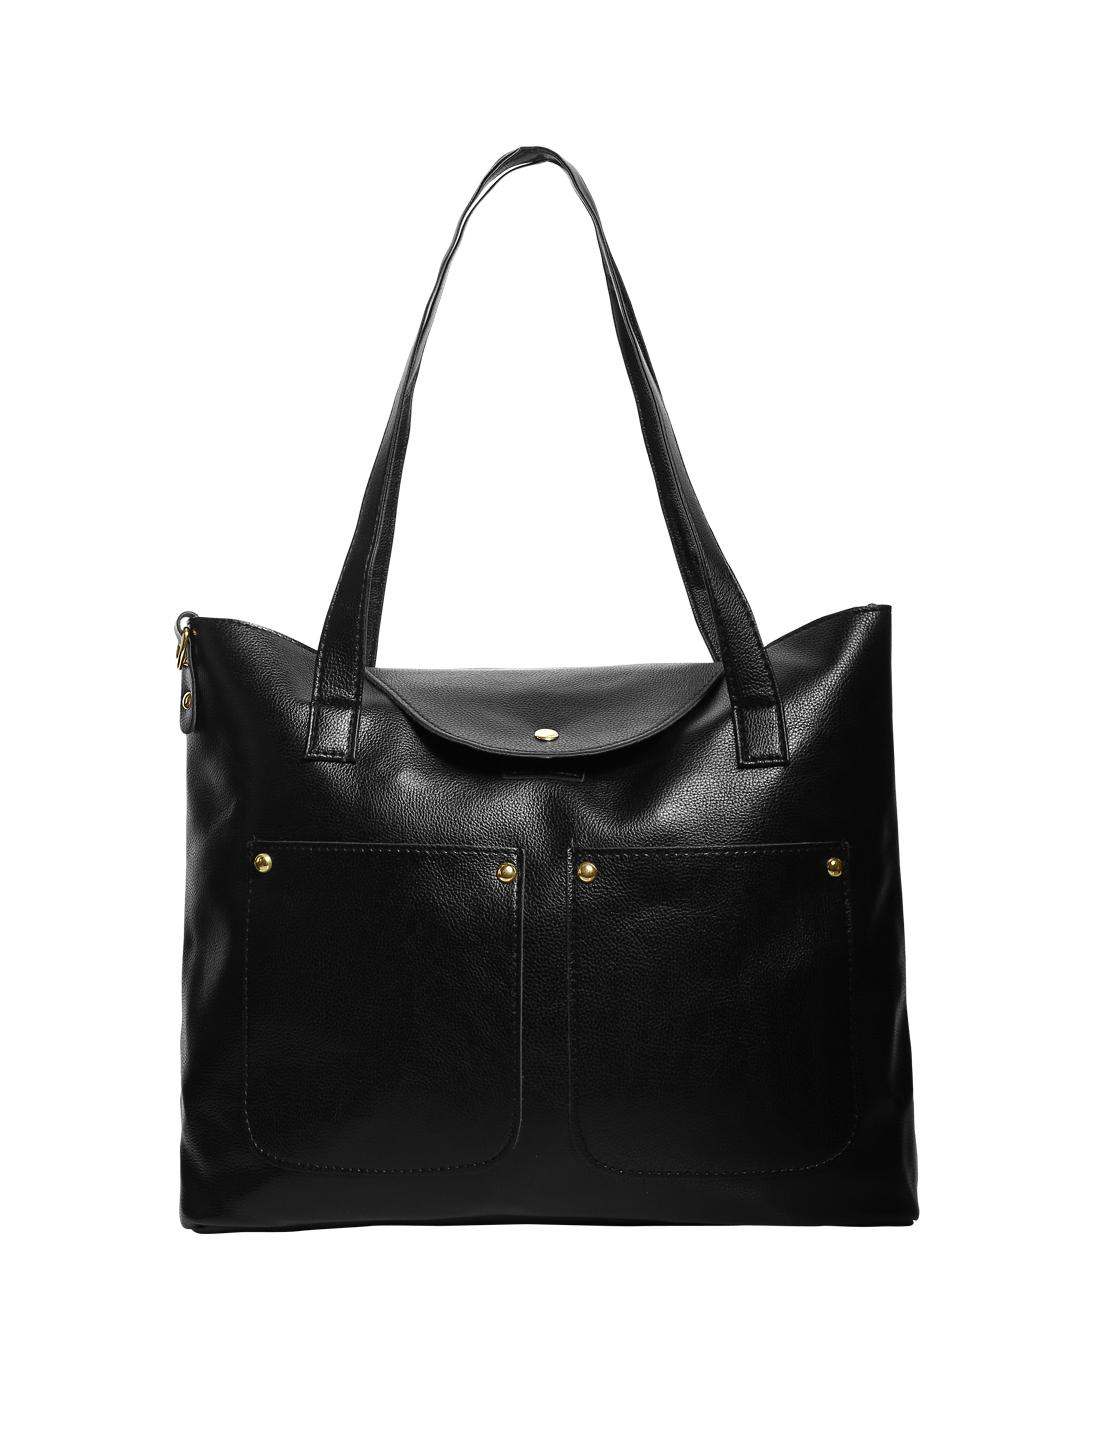 Fashion Faux Leather Women Handbags Satchel Tote Purse Messenger Shoulder Bags